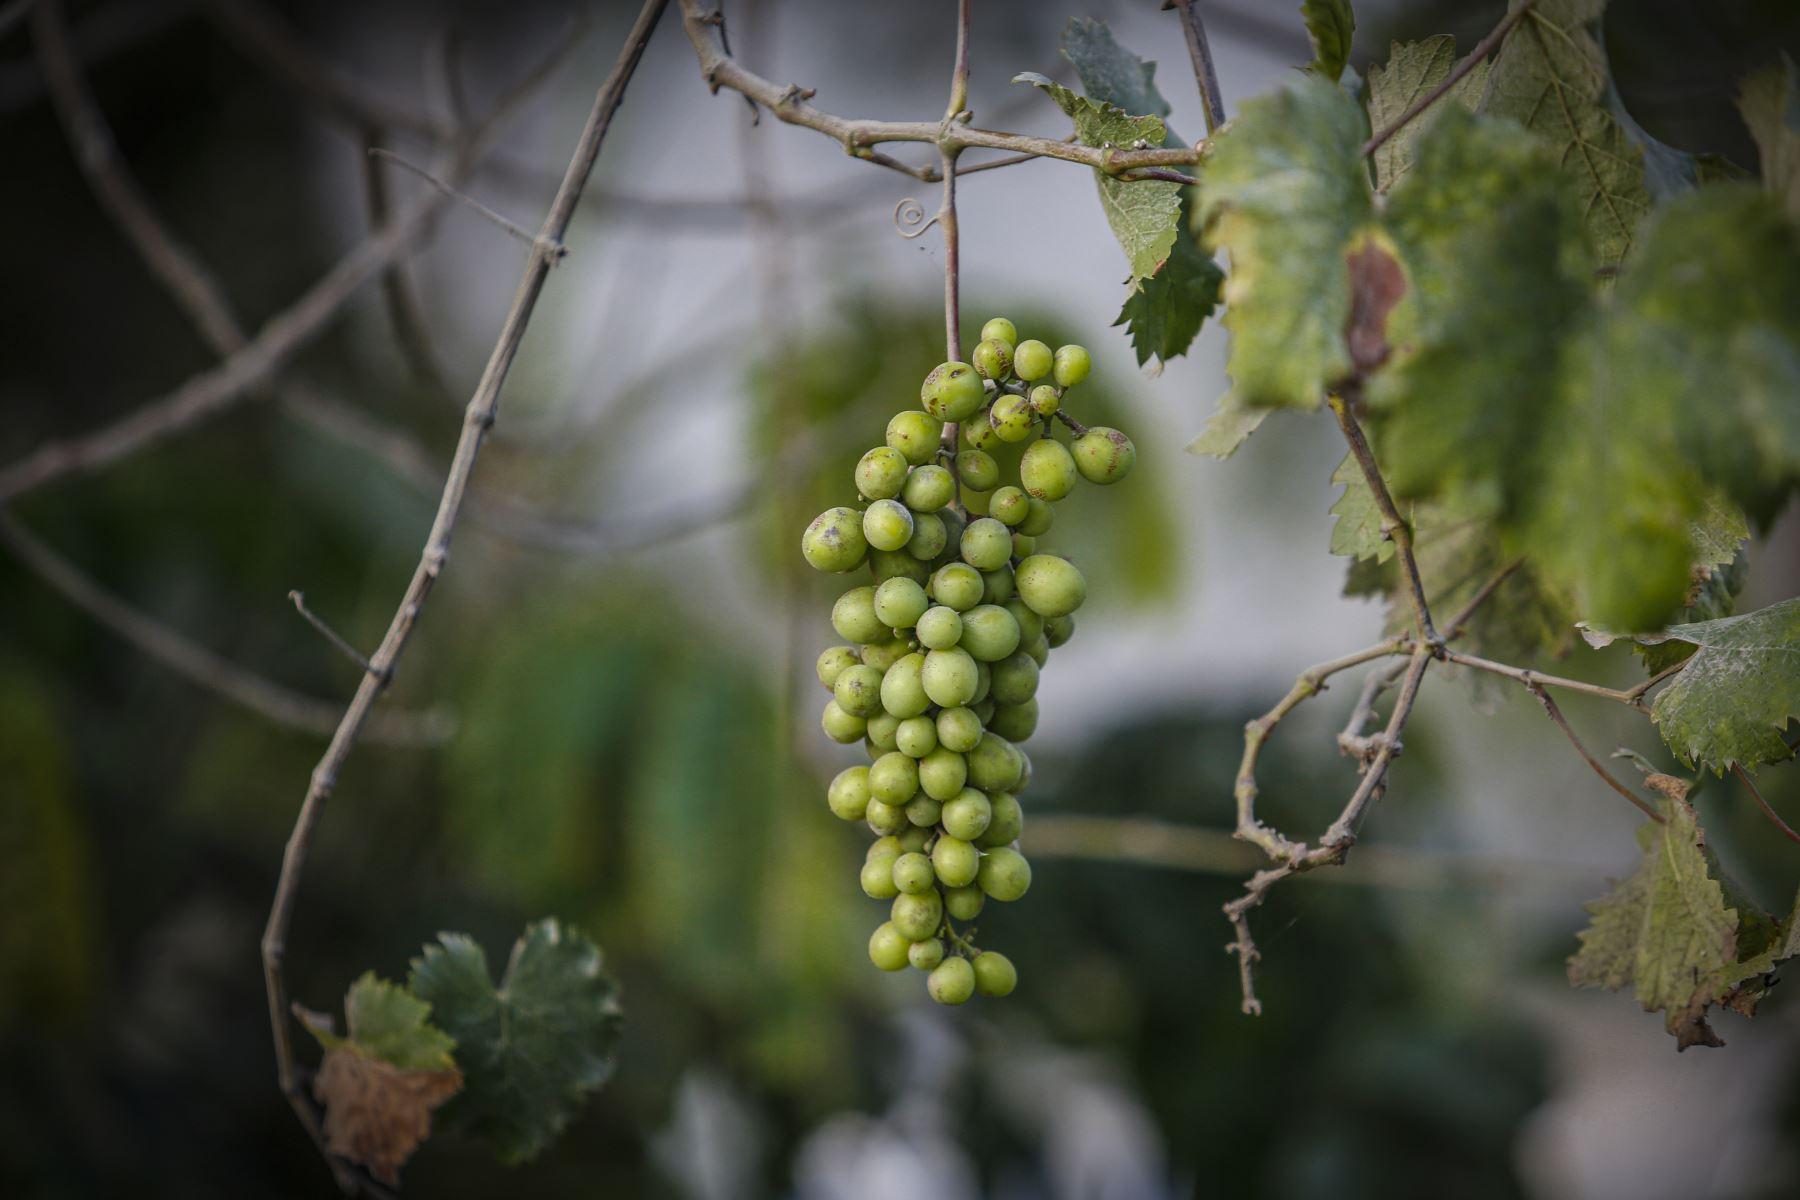 La producción de vino y pisco artesanal es una de las características de la zona . Foto: ANDINA/Renato Pajuelo